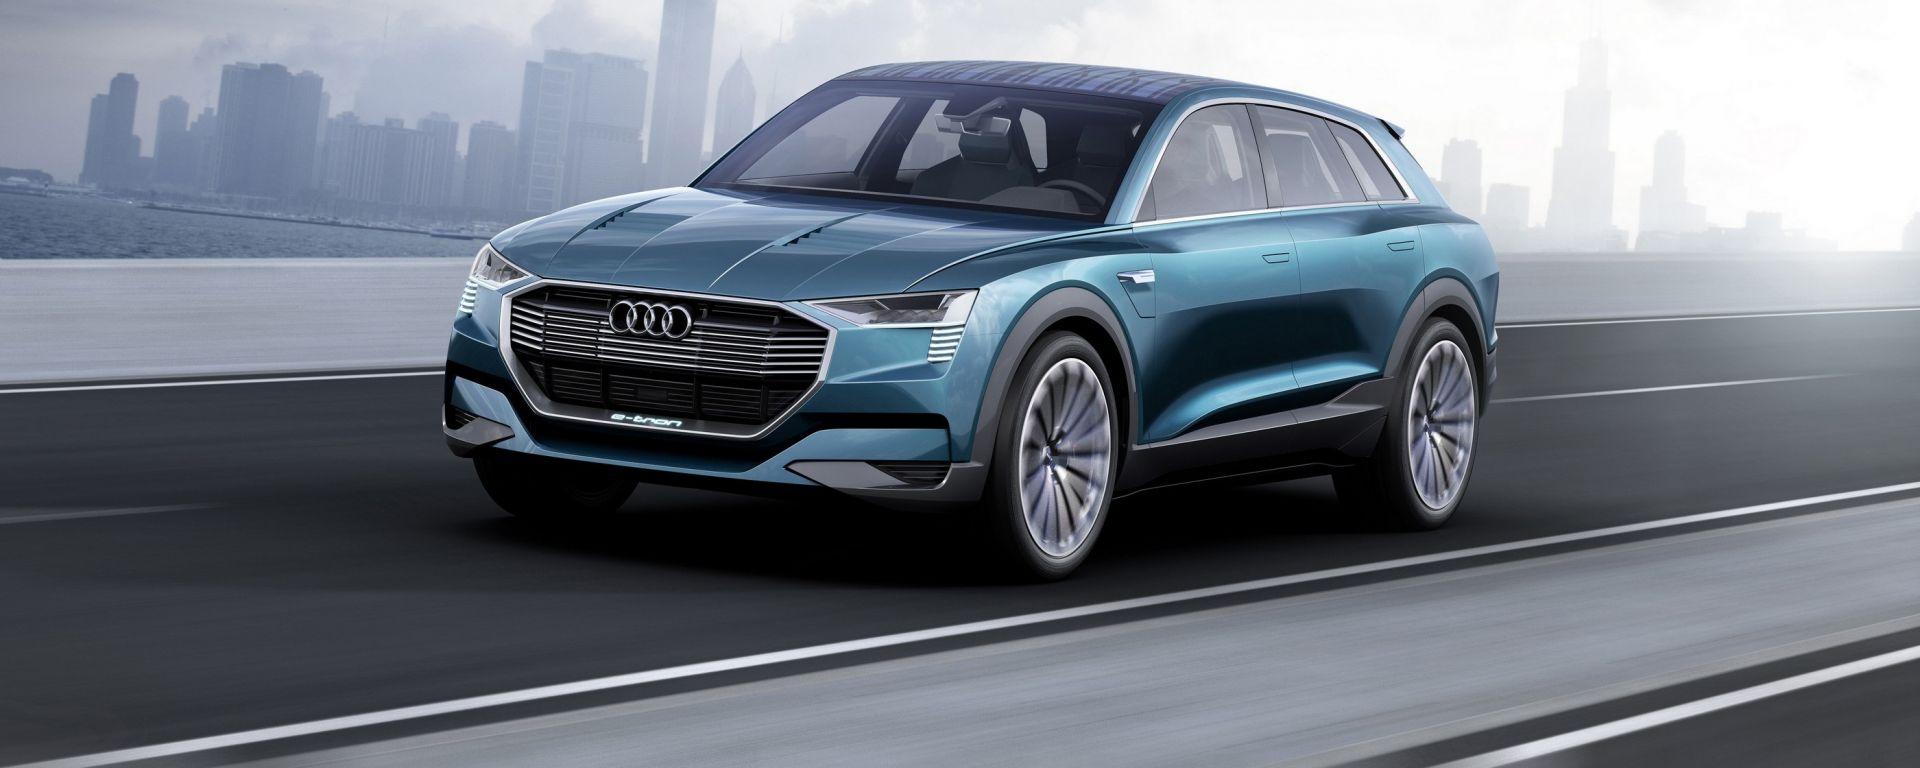 Audi presenterà nel 2018 la propria vettura 100% elettrica e potrebbe assomigliare alla e-tron quattro